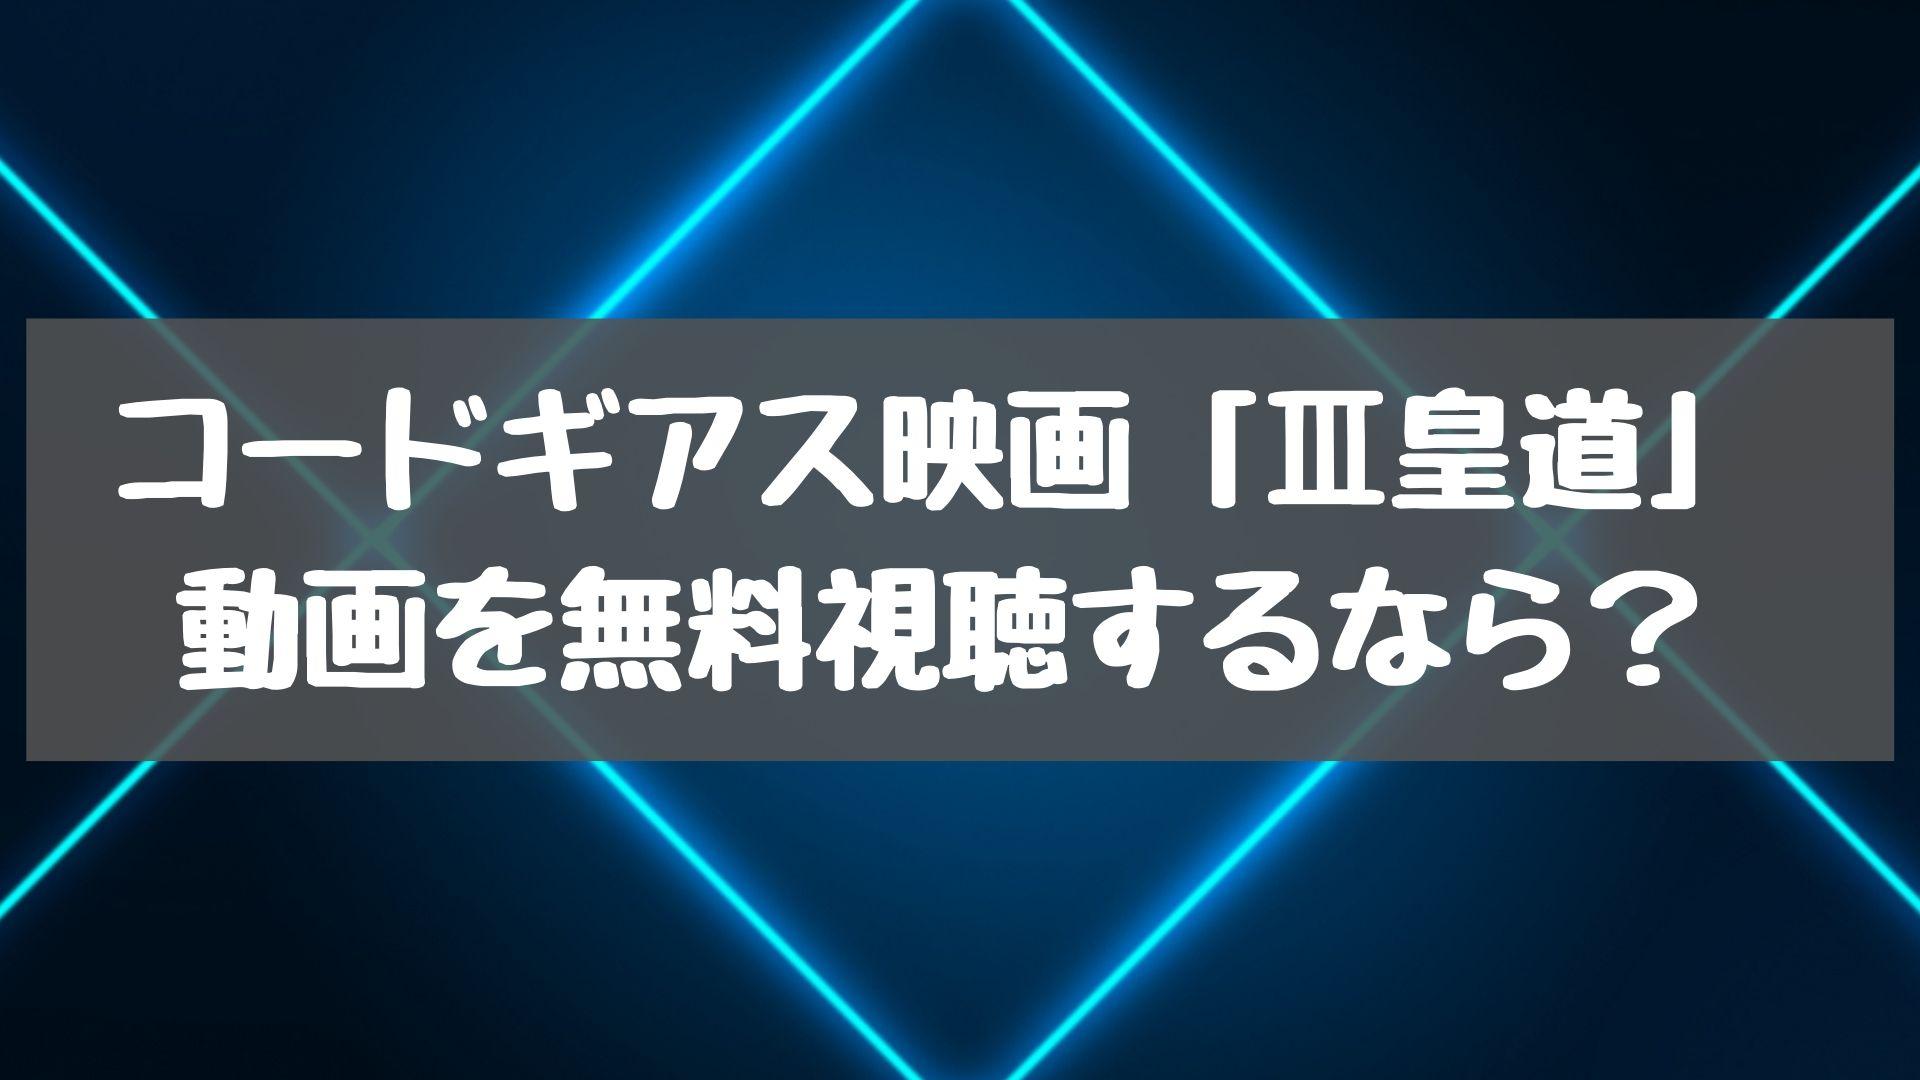 コードギアス映画「Ⅲ皇道」の動画を無料視聴【Anitube・B9・アニポ以上に優秀】